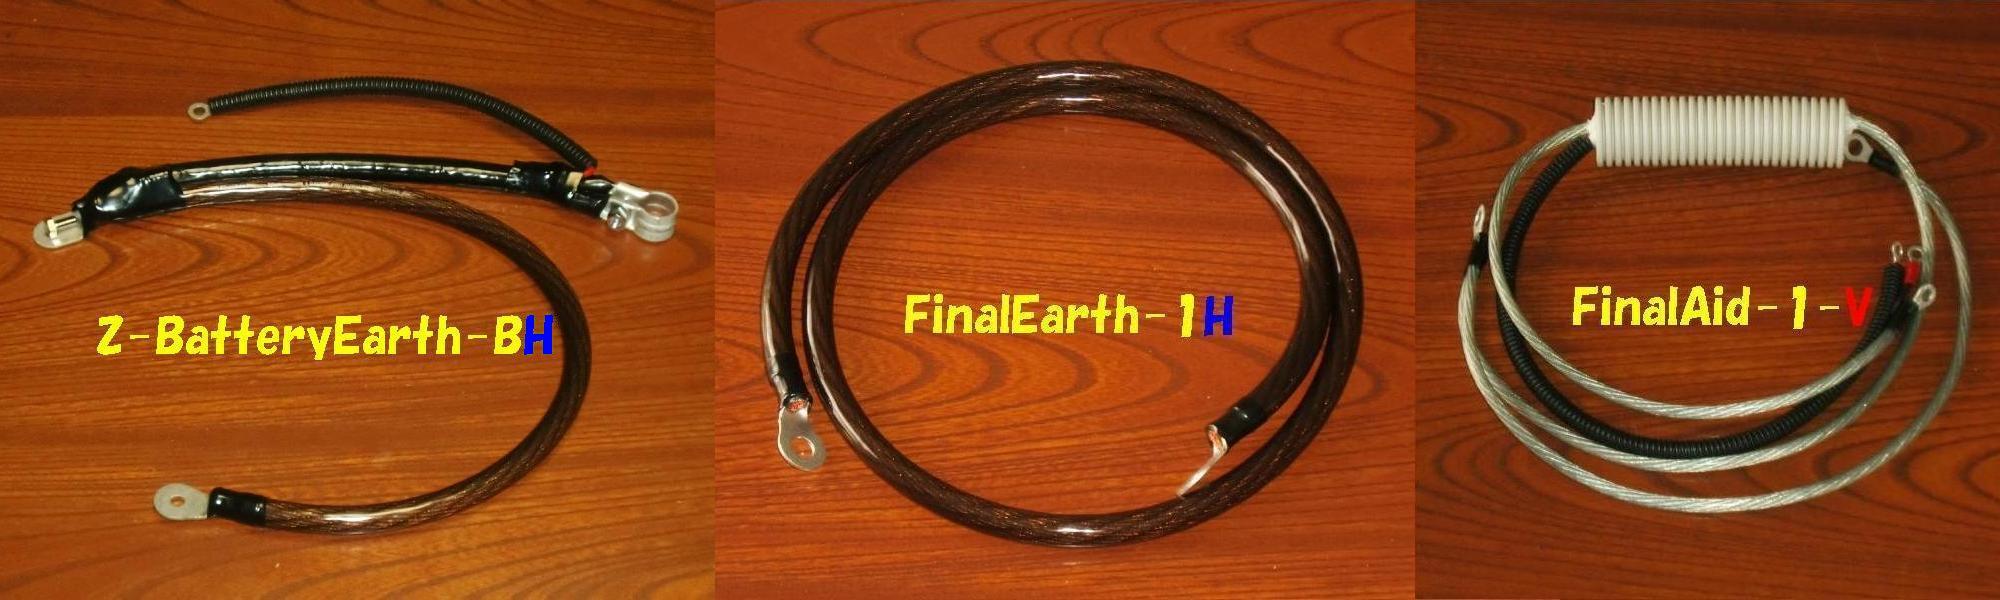 Z-BatteryEarth-B+FinalEarth-1H+FinalAid-1-V、そして、先日までマイエリに使っててCAPAにインストールし損なってたZ-Plugをインストールしていまいました。